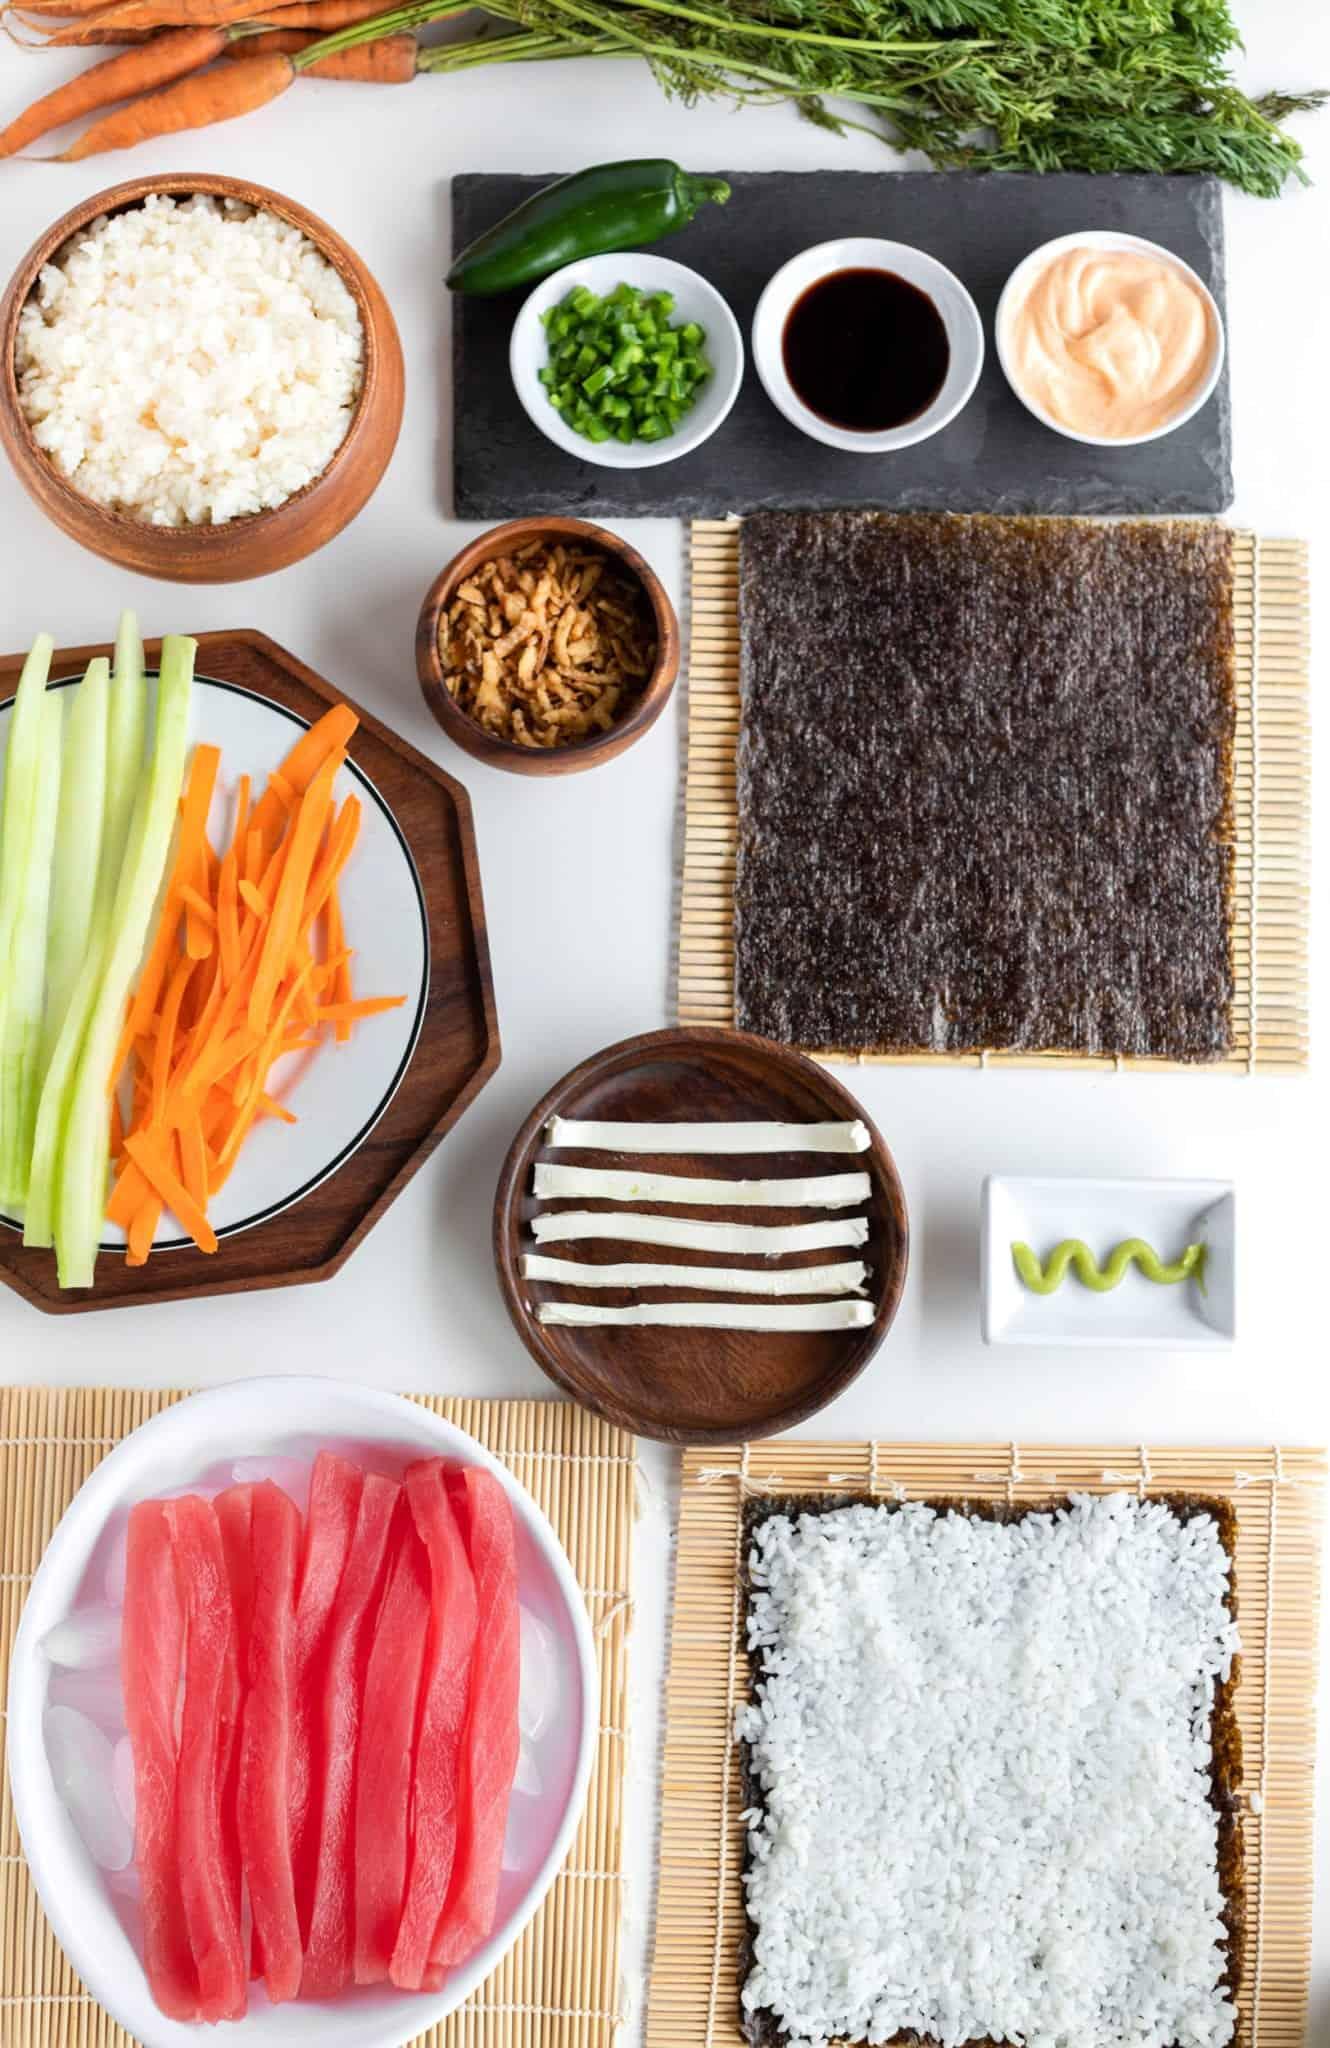 Spicy Tuna Roll Prep #sushi #spicytunamaki #sushirecipe #spicytuna #sushirollrecipes #spicytunamaki #crunchyspicytunaroll